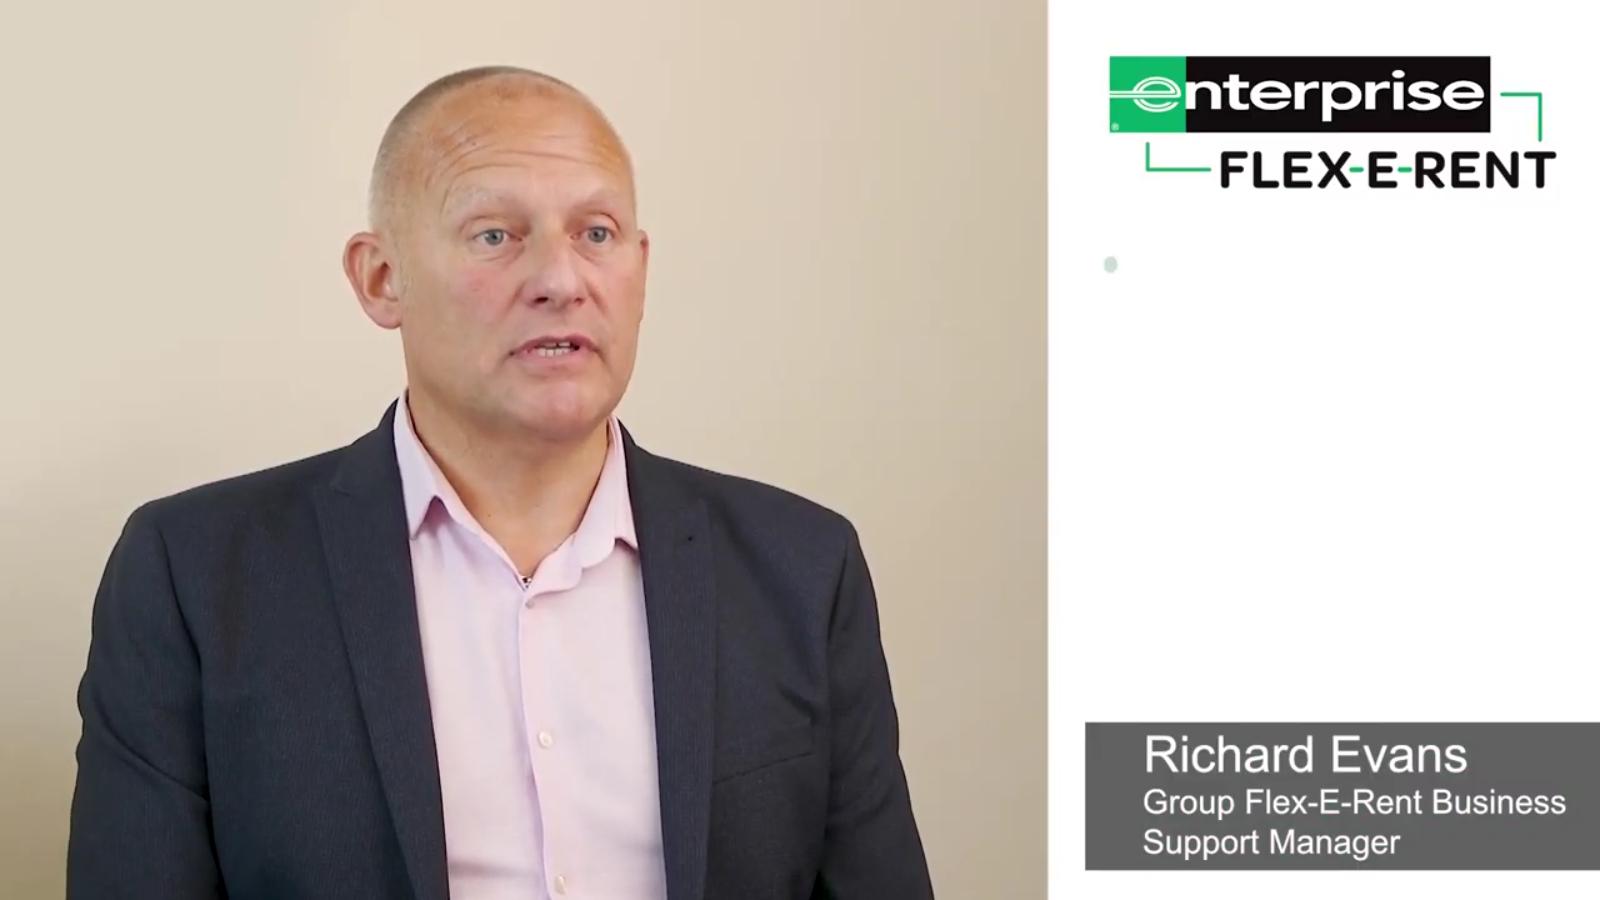 Group Fleet Business Support Manager, Enterprise Flex-E-Rent, Richard Evans – Customer Update